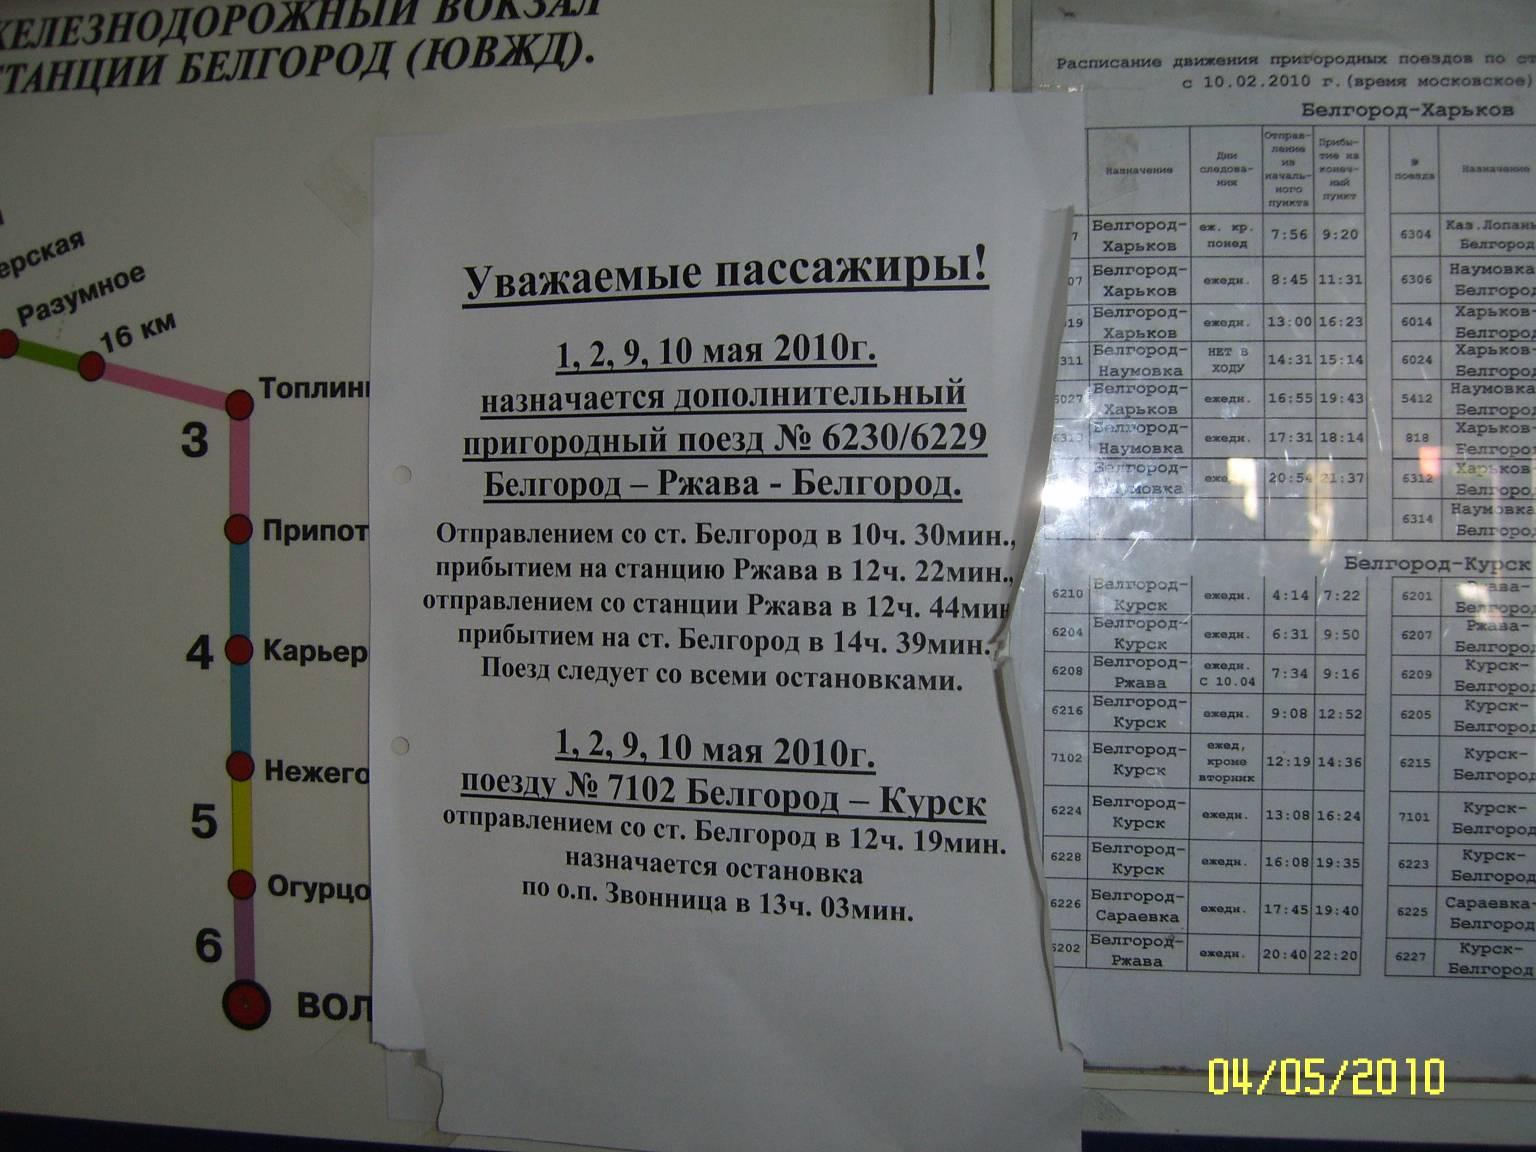 Мармеладка Спасибо расписание автобусов белгород курск капусты